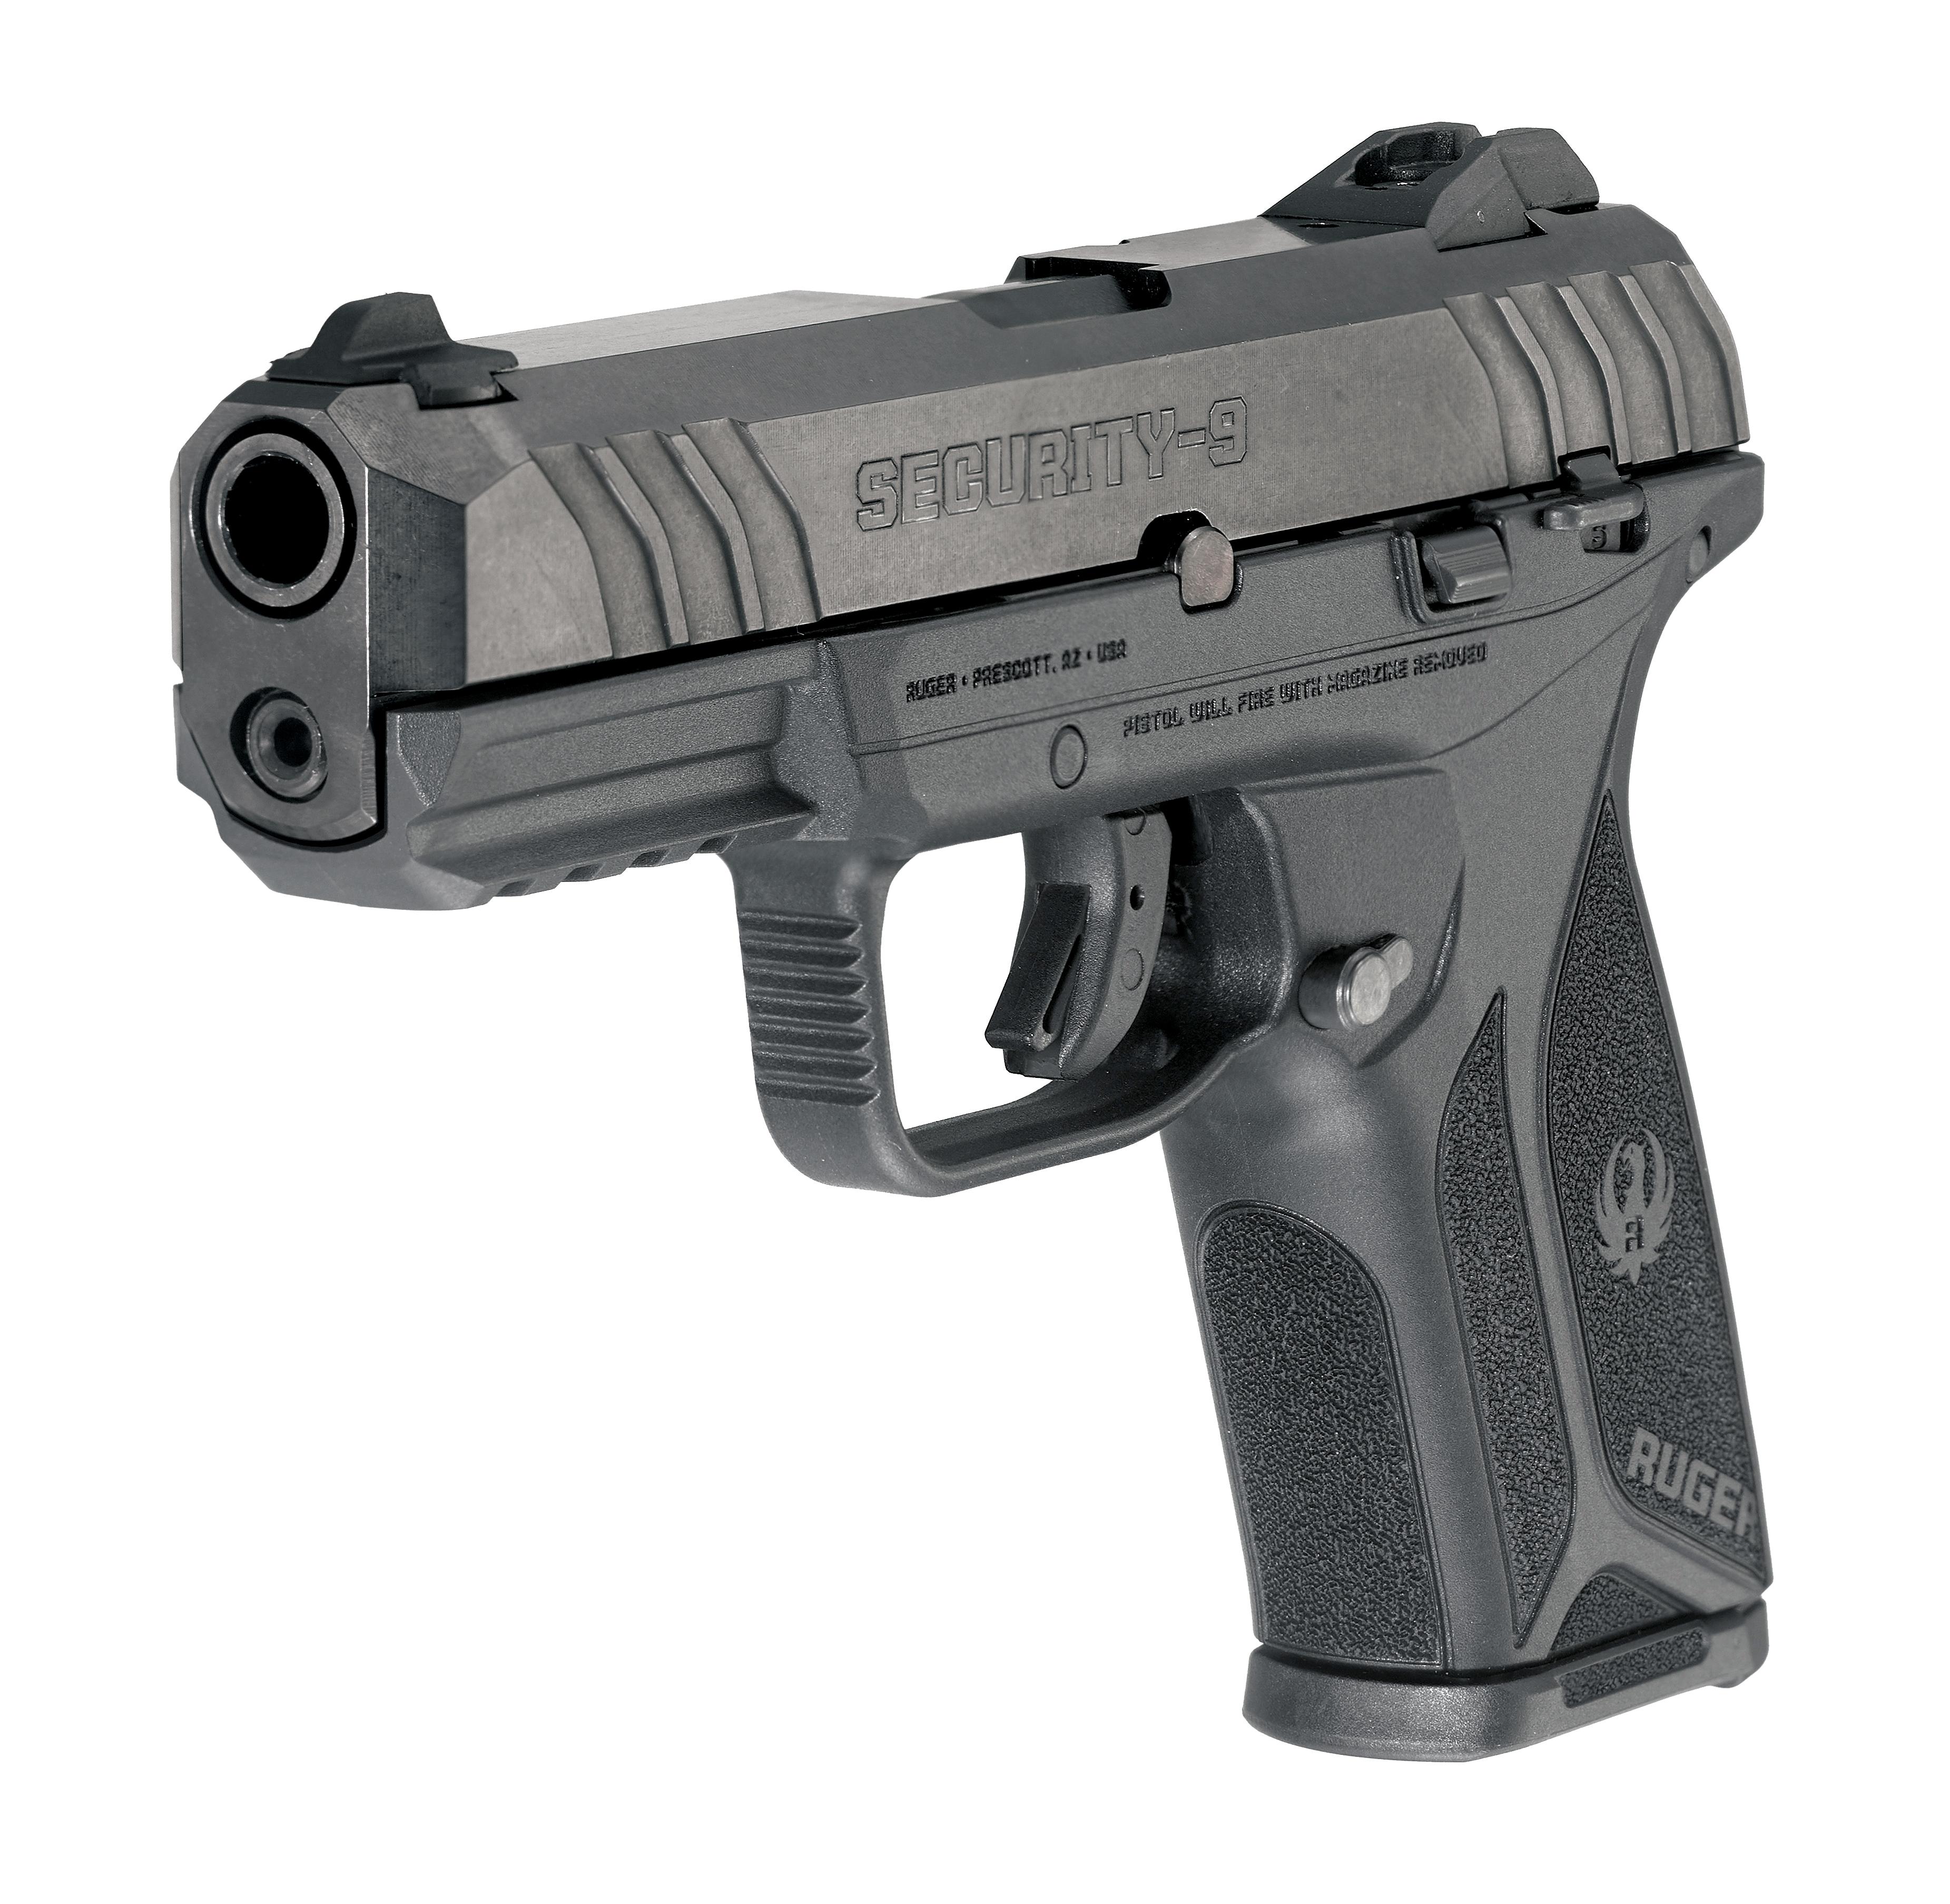 Ruger Security-9 9mm Pistol – Guninpho com